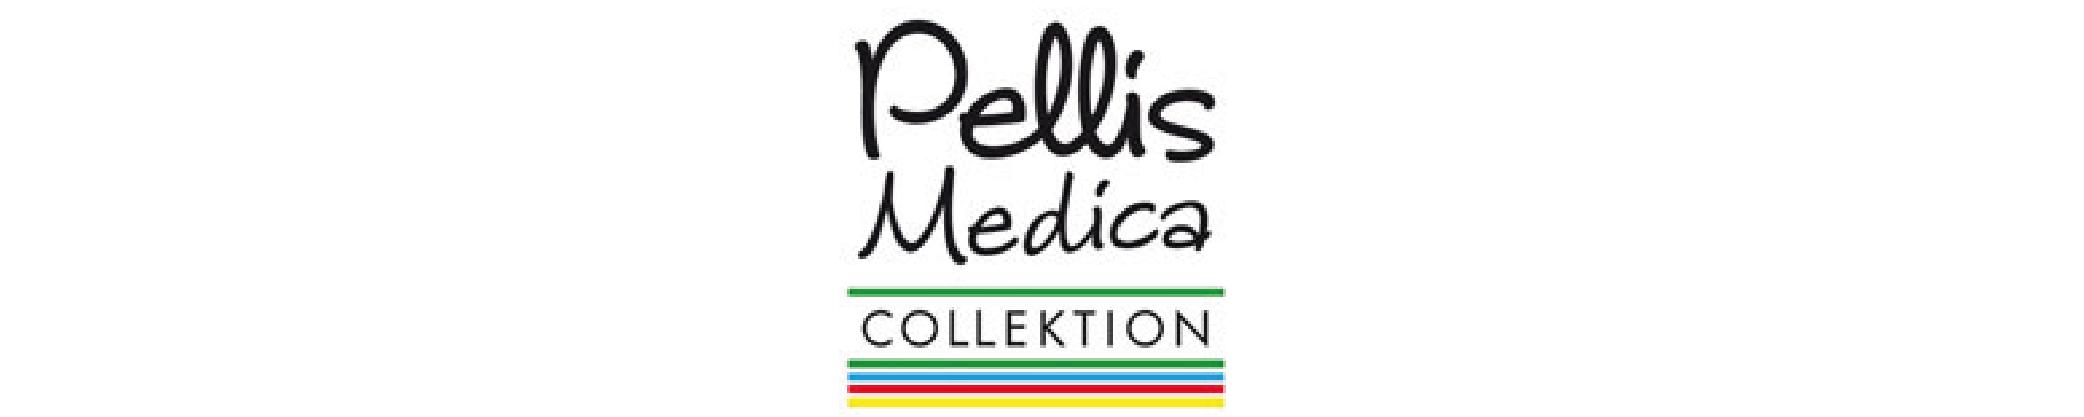 PELLIS MEDICA